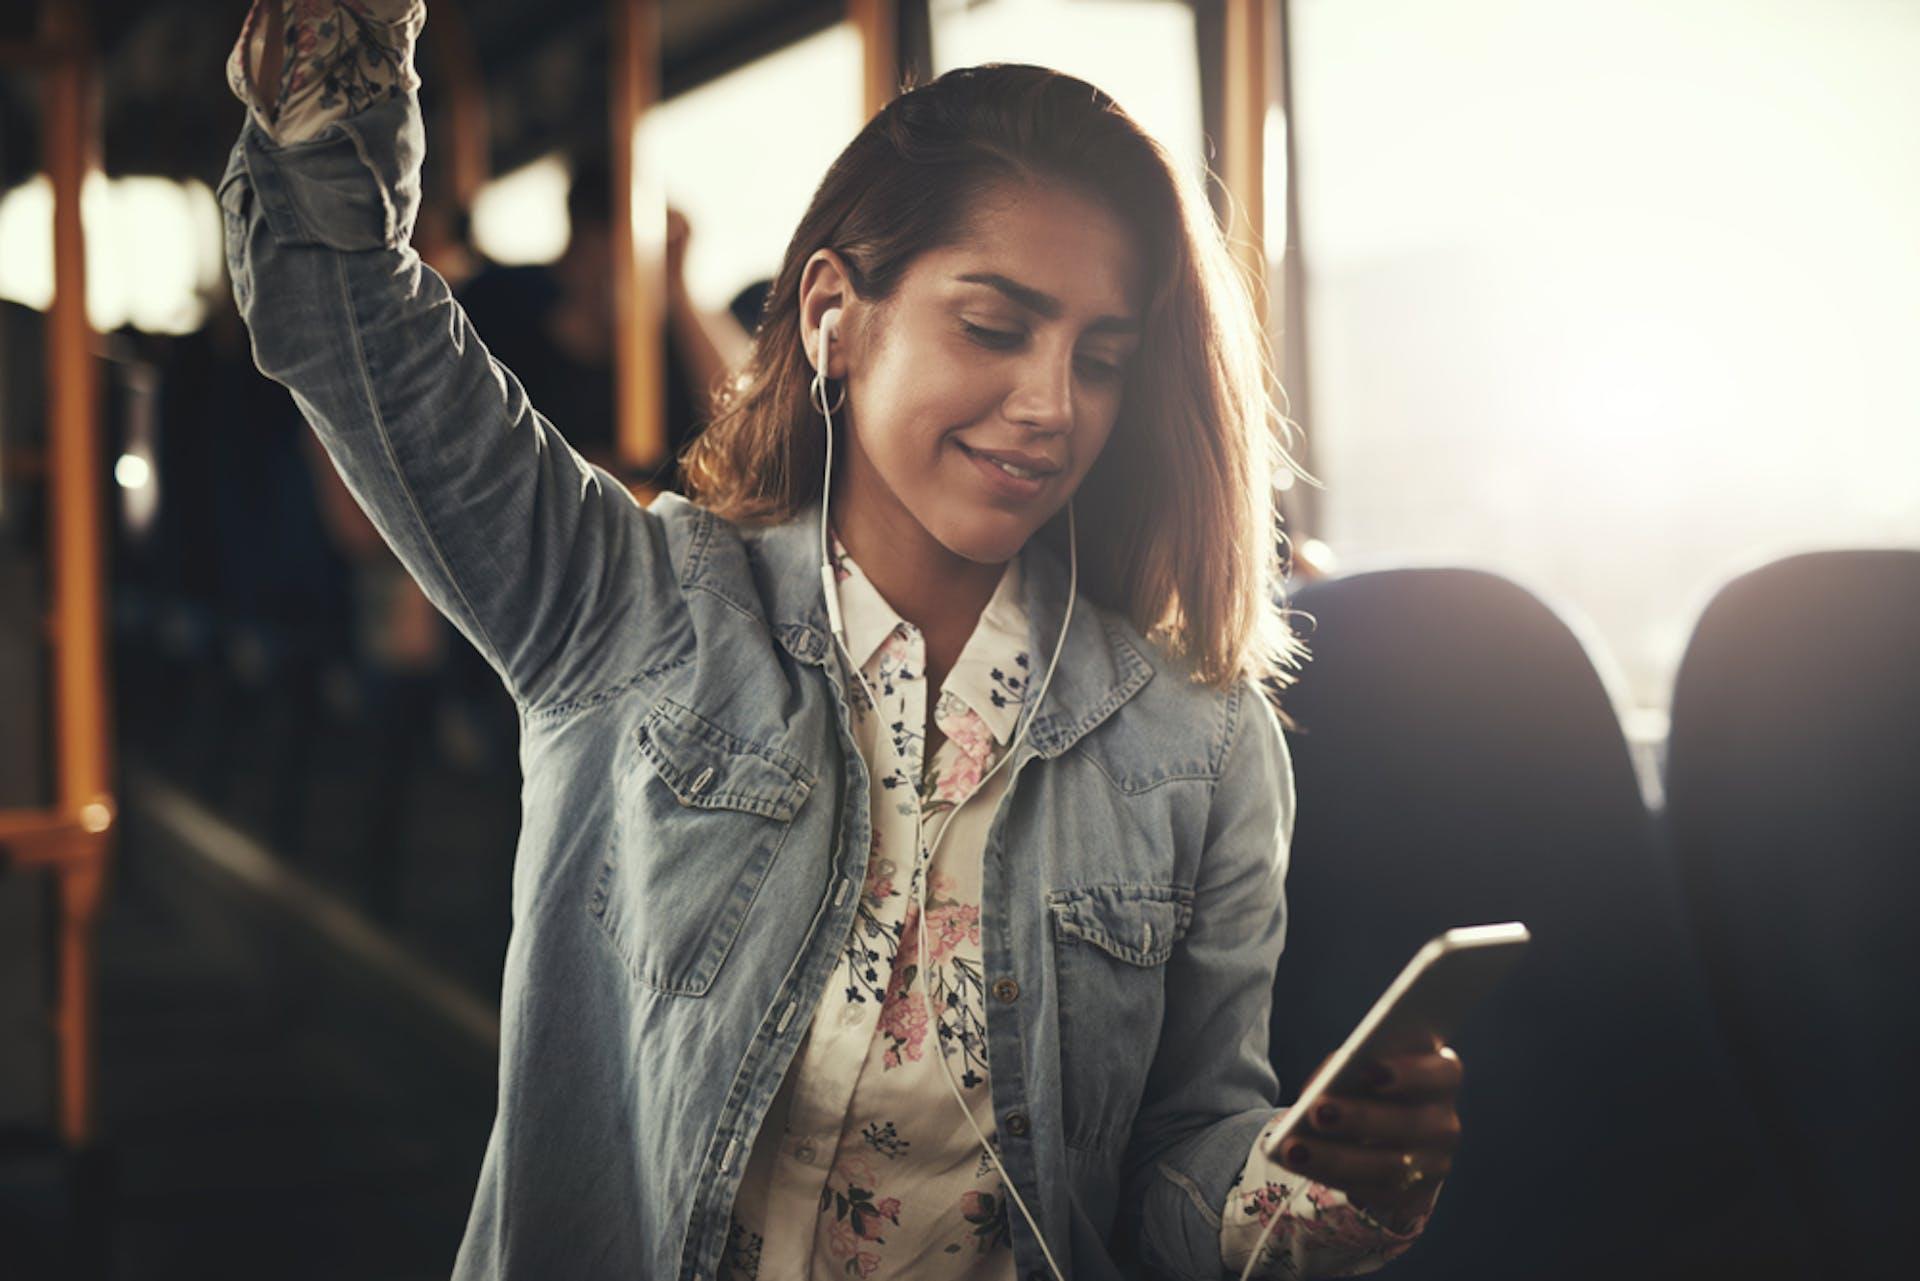 Eine junge Frau hält sich im Bus fest und schaut lächelnd auf ihr Smartphone